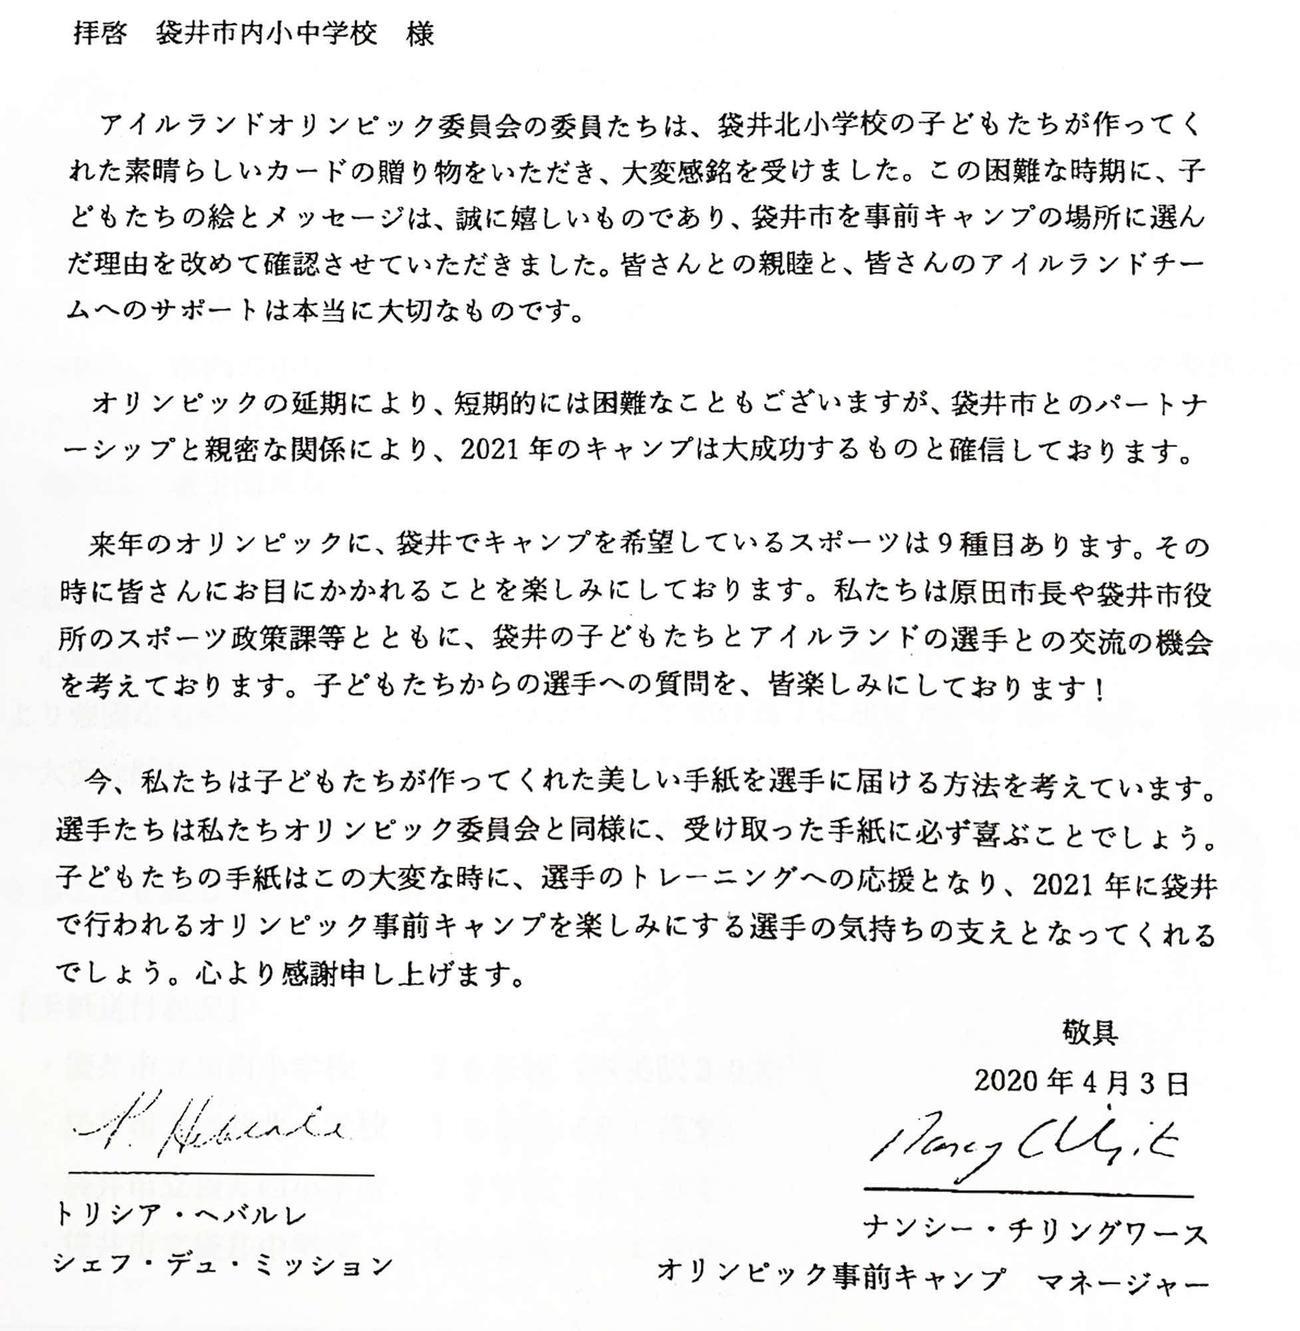 アイルランド五輪委員会から袋井市内の小中学校に届いた手紙(日本語訳)